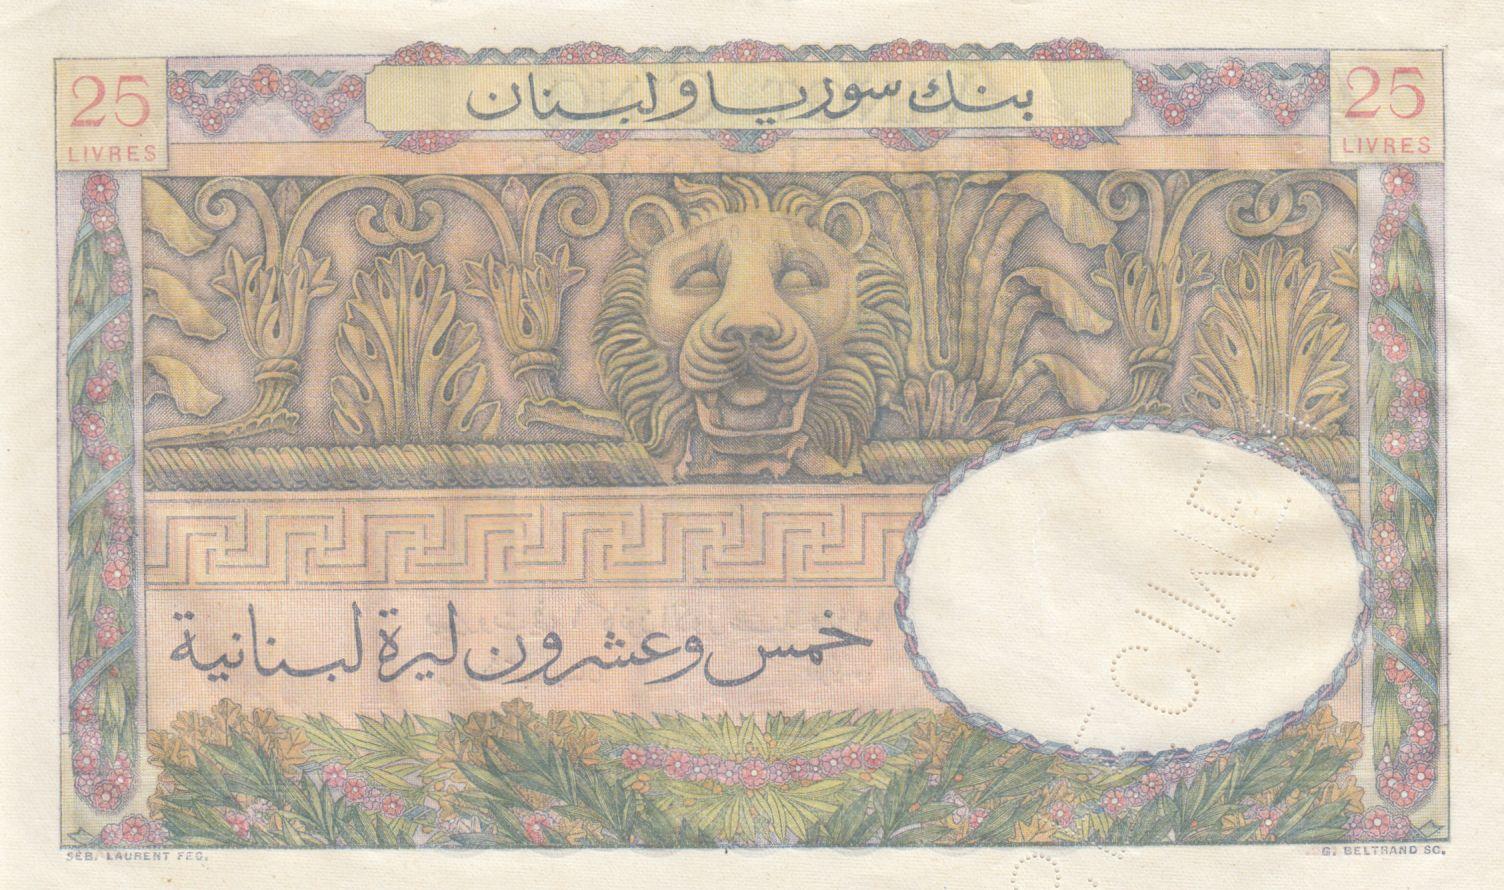 Liban 25 Livres 1945 - Banque de Syrie et du Liban - Spécimen - P.51s